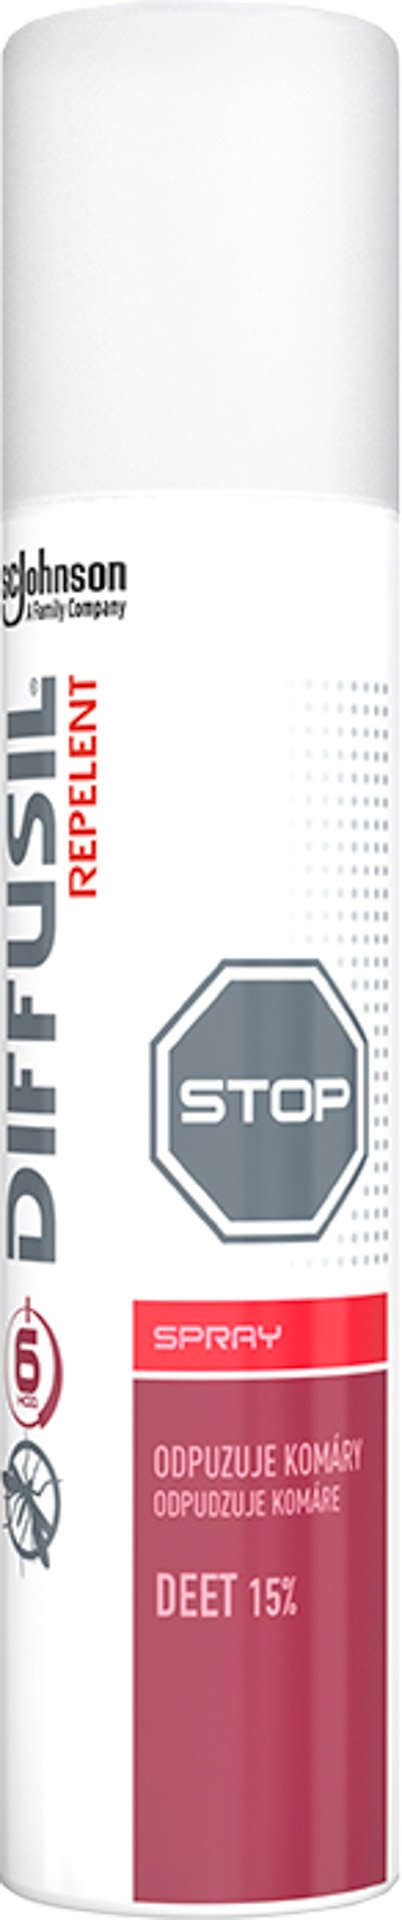 Diffusil - Basic repelent sprej 100 ml